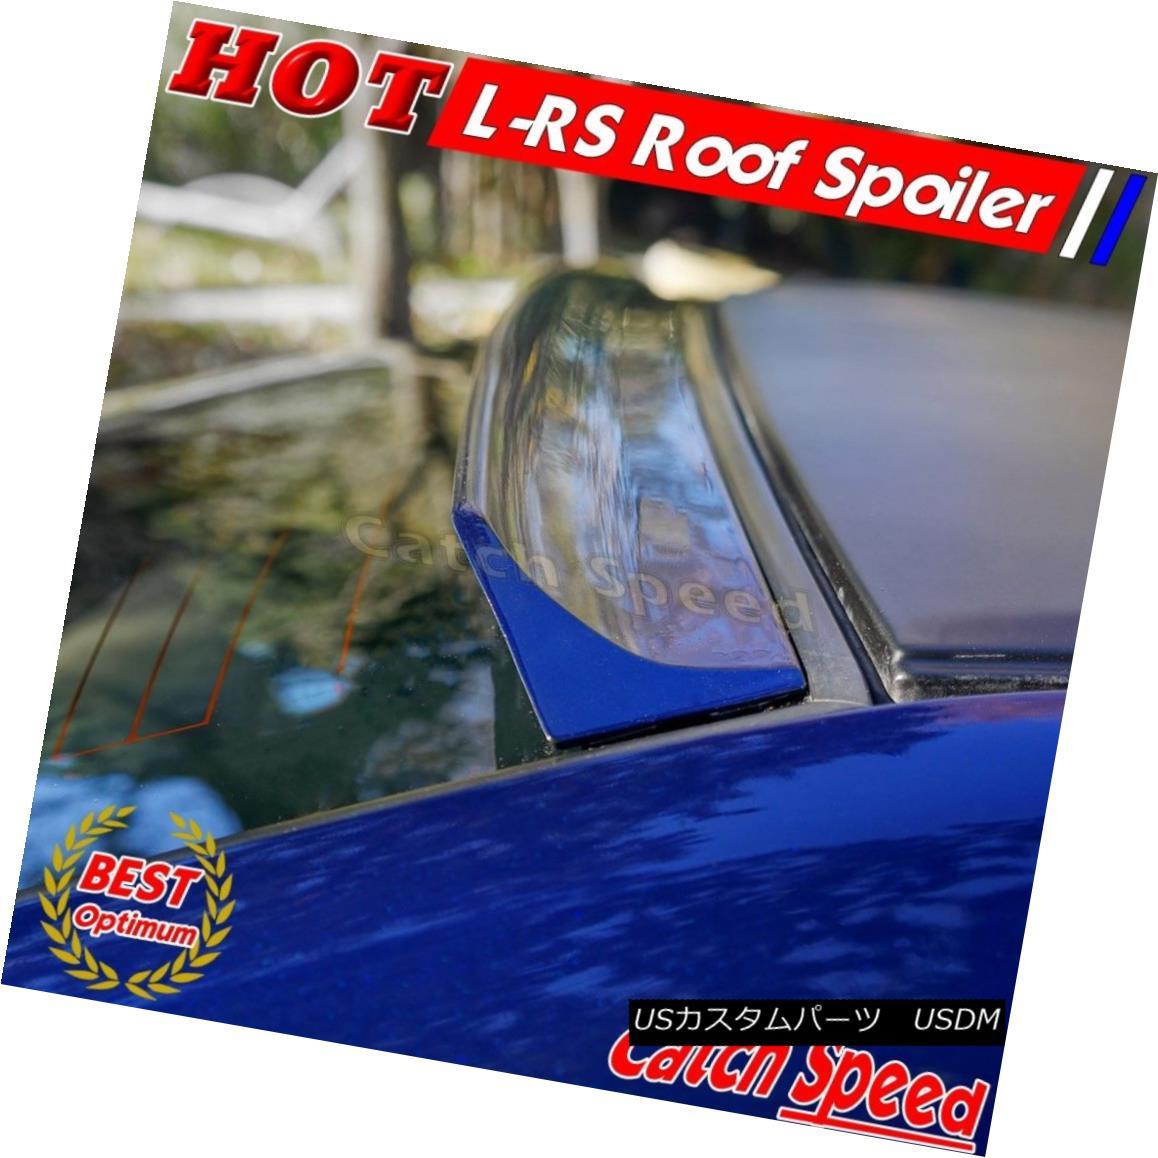 エアロパーツ Black Clearcoat LRS Rear Roof Spoiler For Lexus IS250 300h XE30 2014-15 Sedan? ブラッククリアコートLRSリアレーフスポイラーレクサスIS250 300h XE30 2014-15セダン?